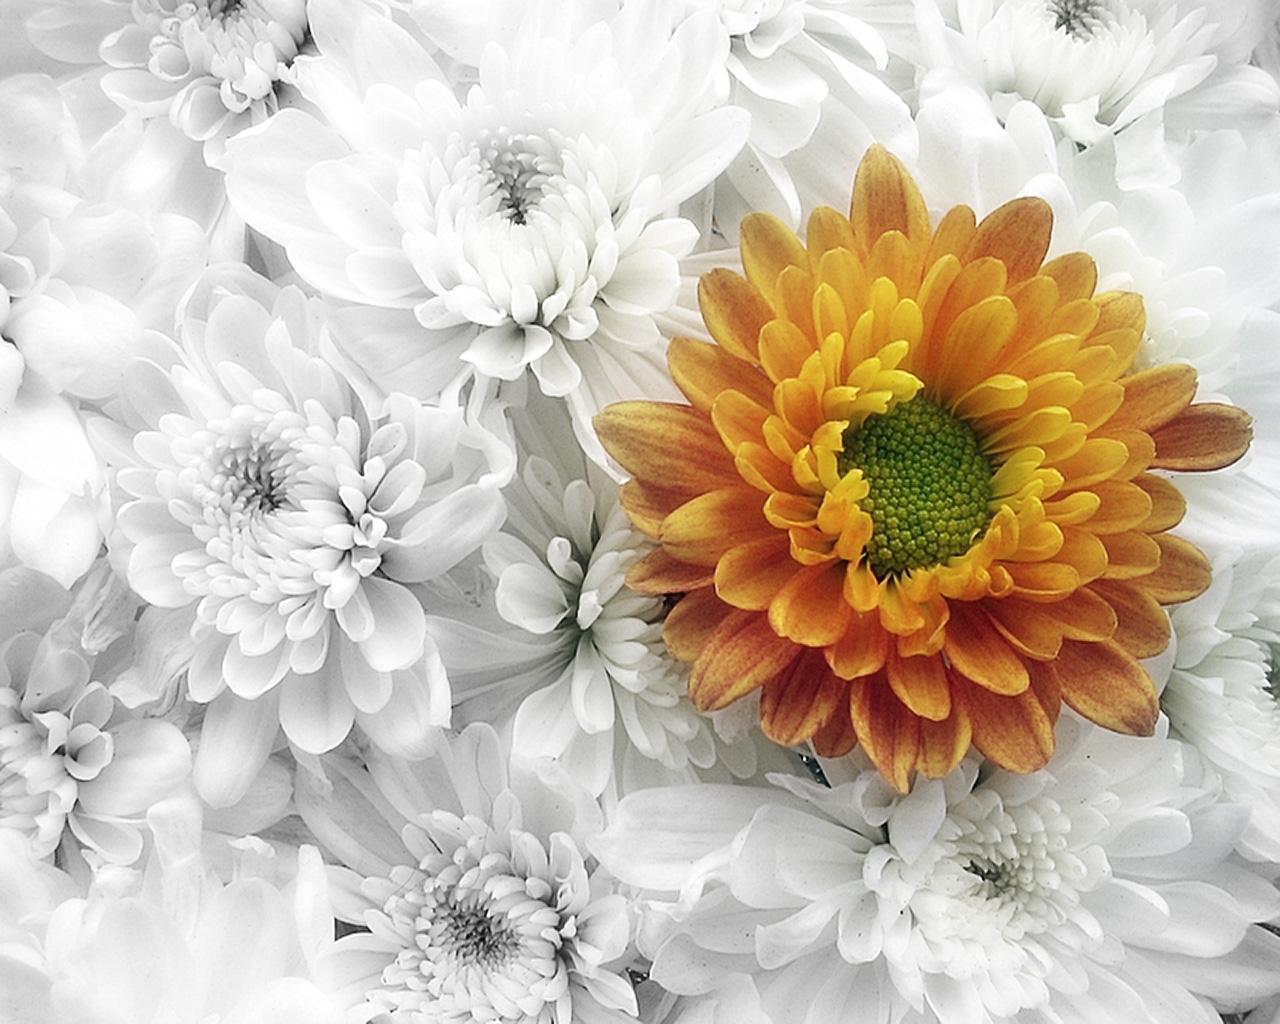 одной них, фото открытка хризантемы для него фотография